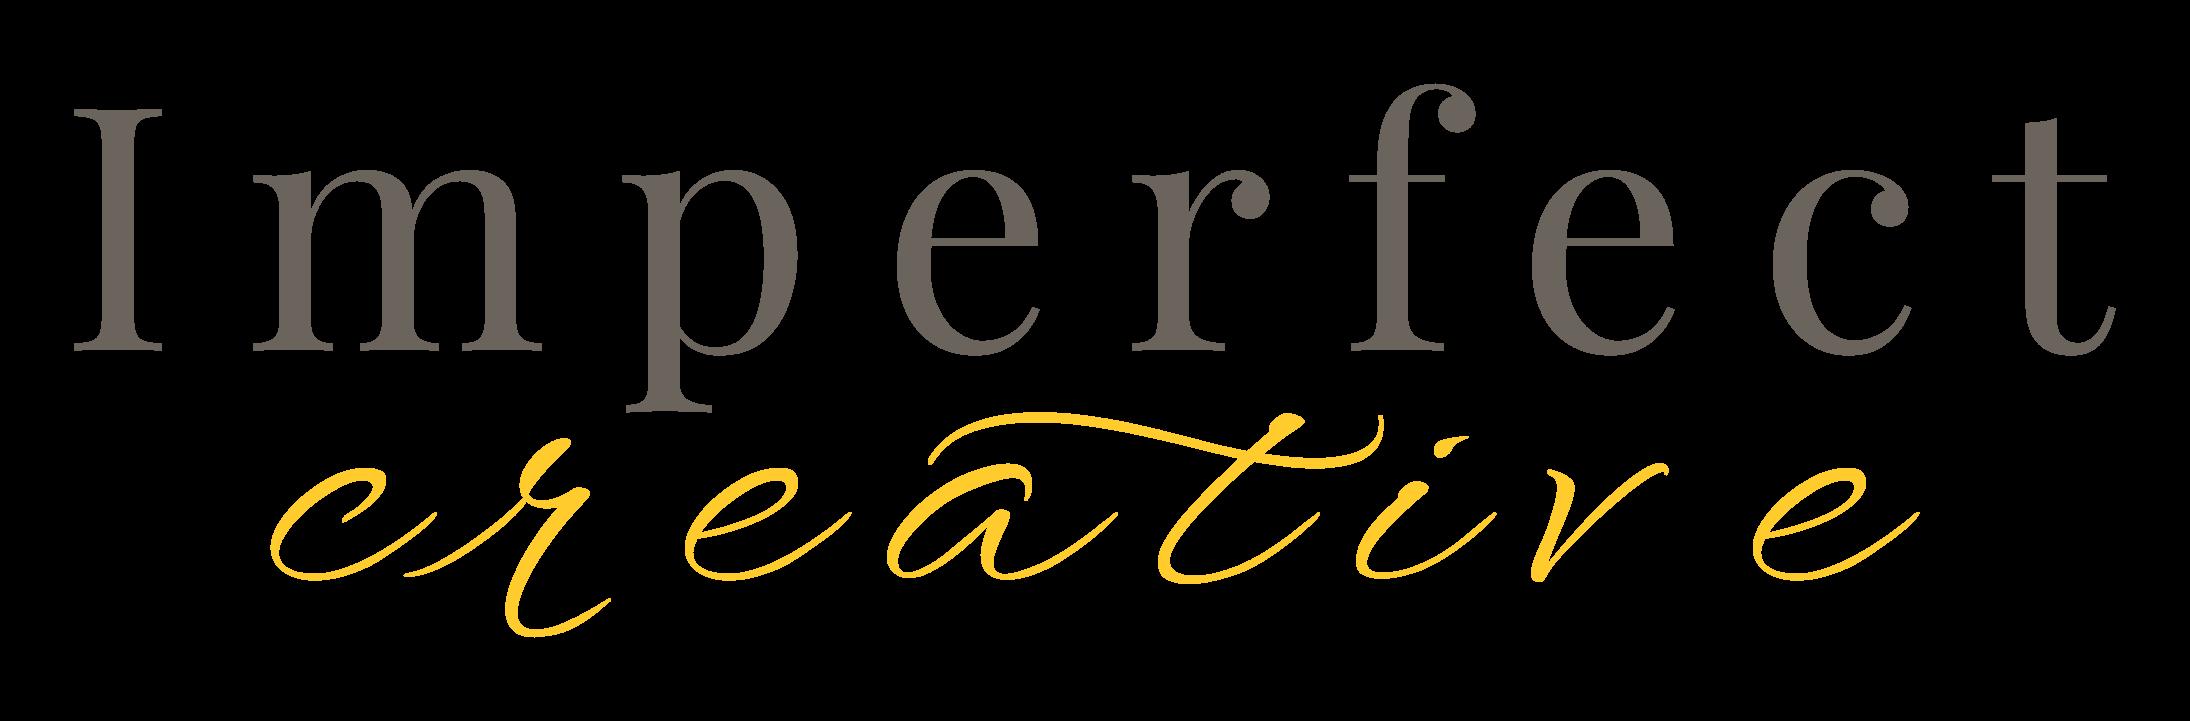 Imperfect Creative | Design Studio